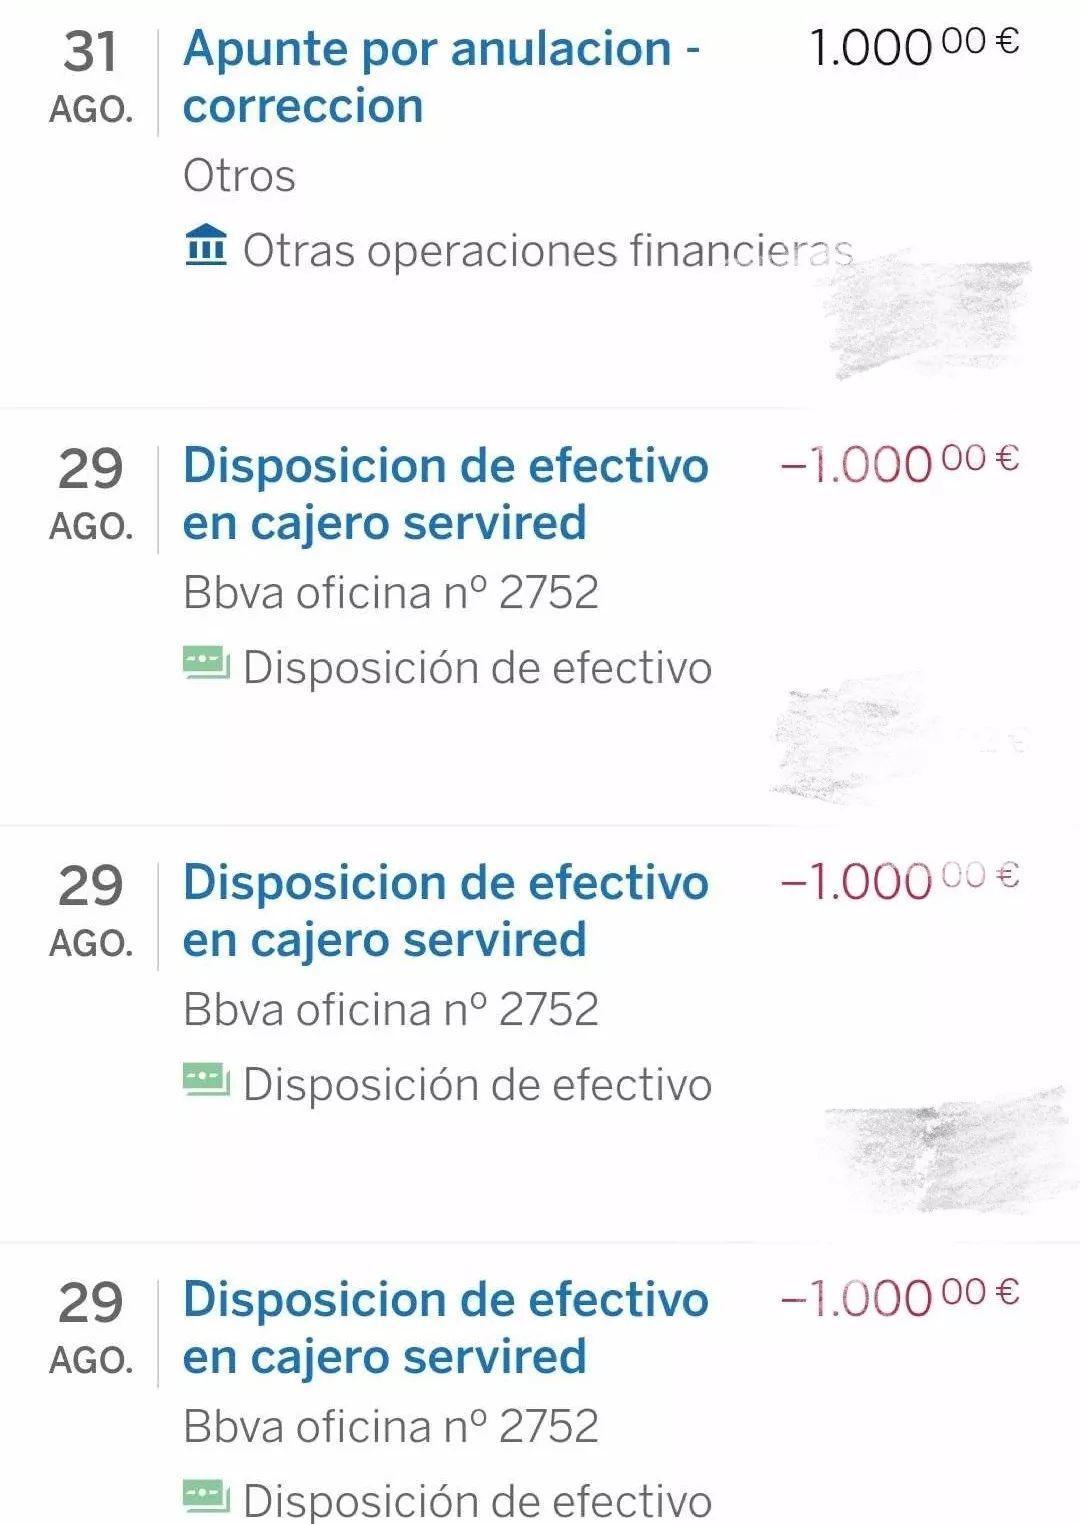 华人BBVA取款机取钱丢失1000欧元,这遭遇也是让人太郁闷!